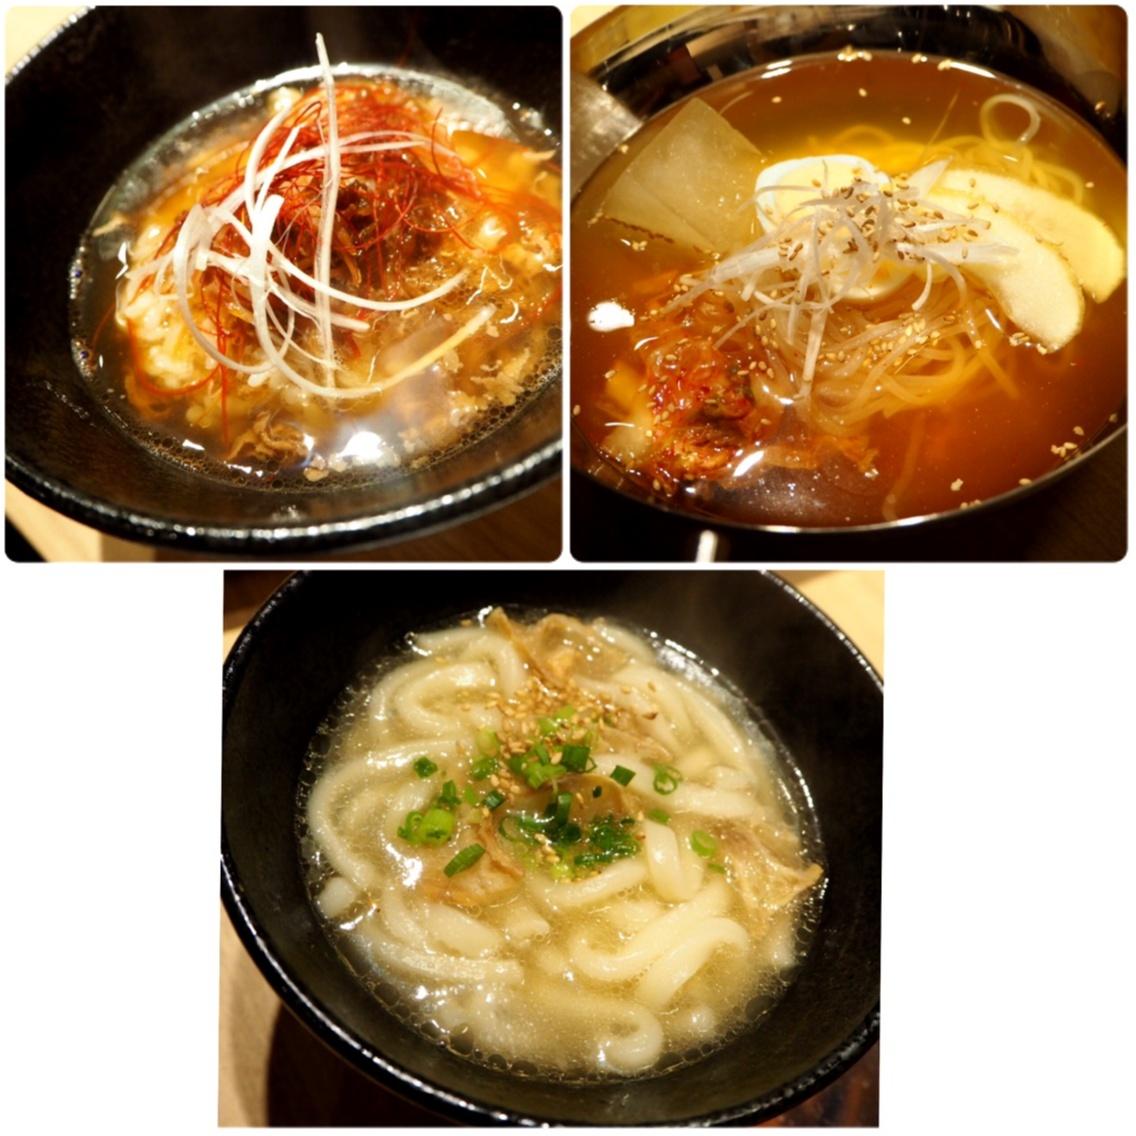 お肉と旬野菜のマリアージュ♡ふうふう亭 緑席_21